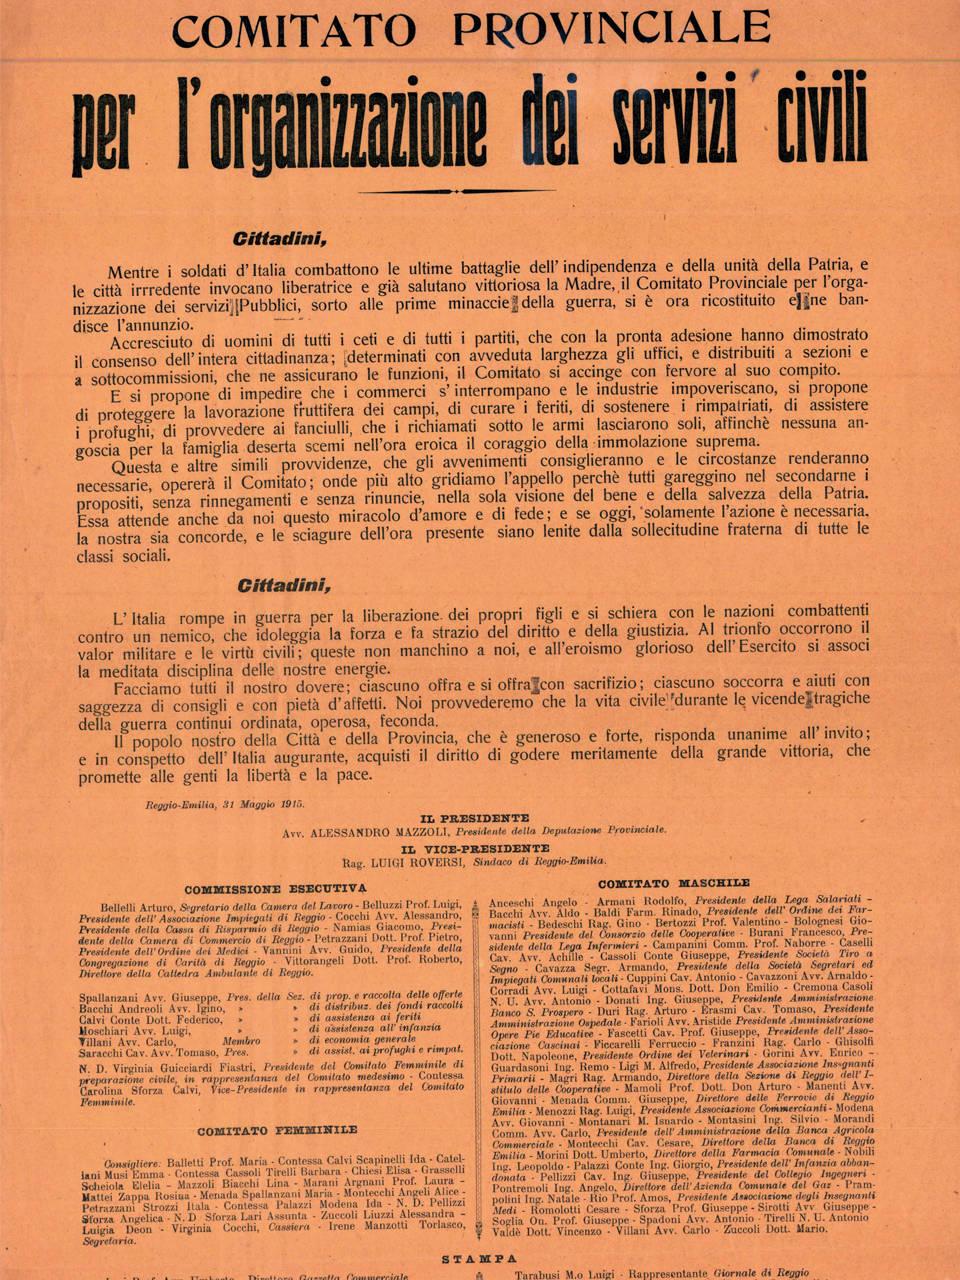 VOLANTINO COMITATO PROVINCIALE DI SERVIZI CIVILI ARCHIVIO ISTORECO - REGGIO EMILIA 31 MAGGIO 1915